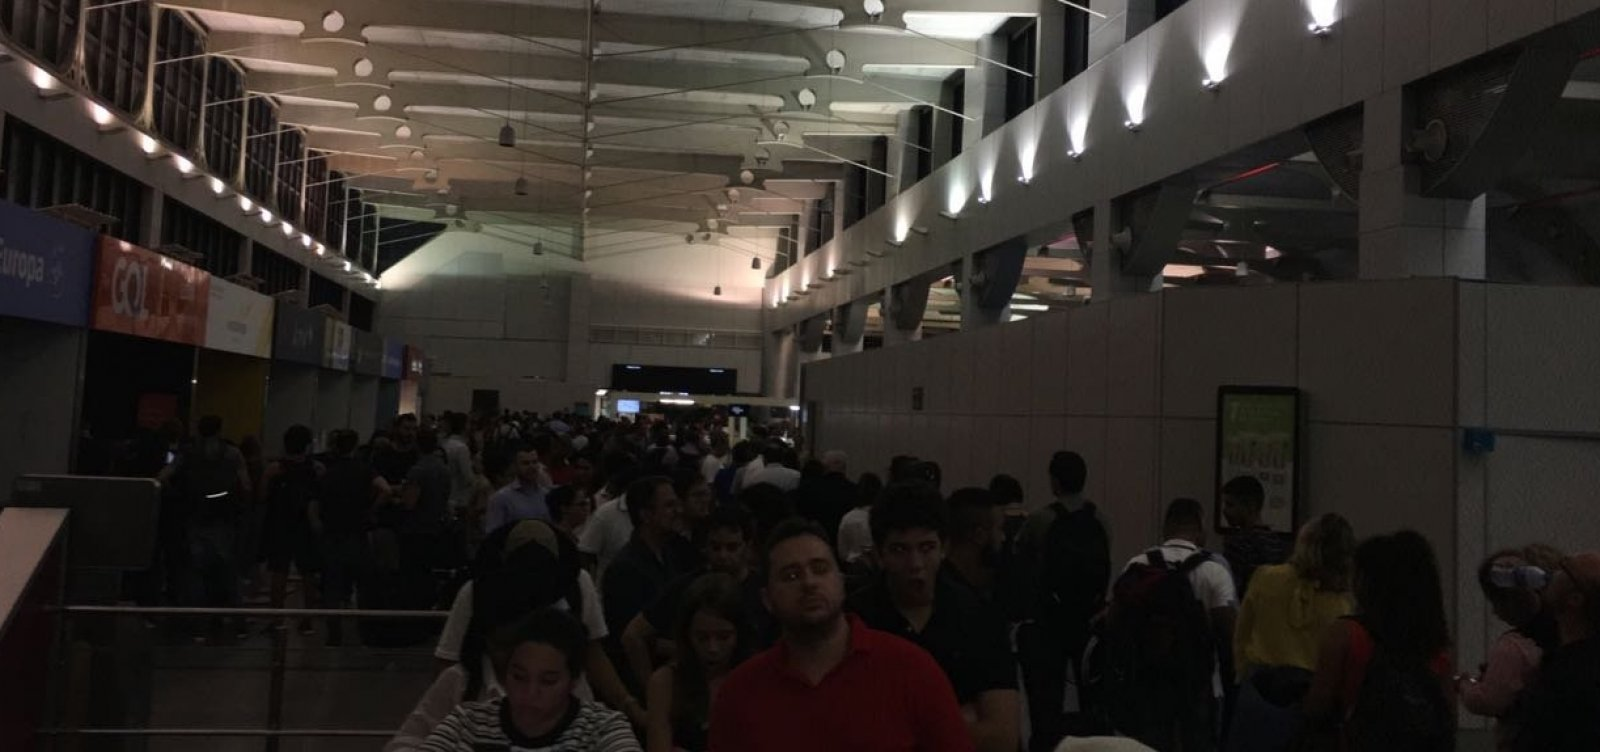 [Queda de luz no aeroporto atrasou 17 voos; Vinci diz mobilizar 'toda equipe' para normalizar operação]